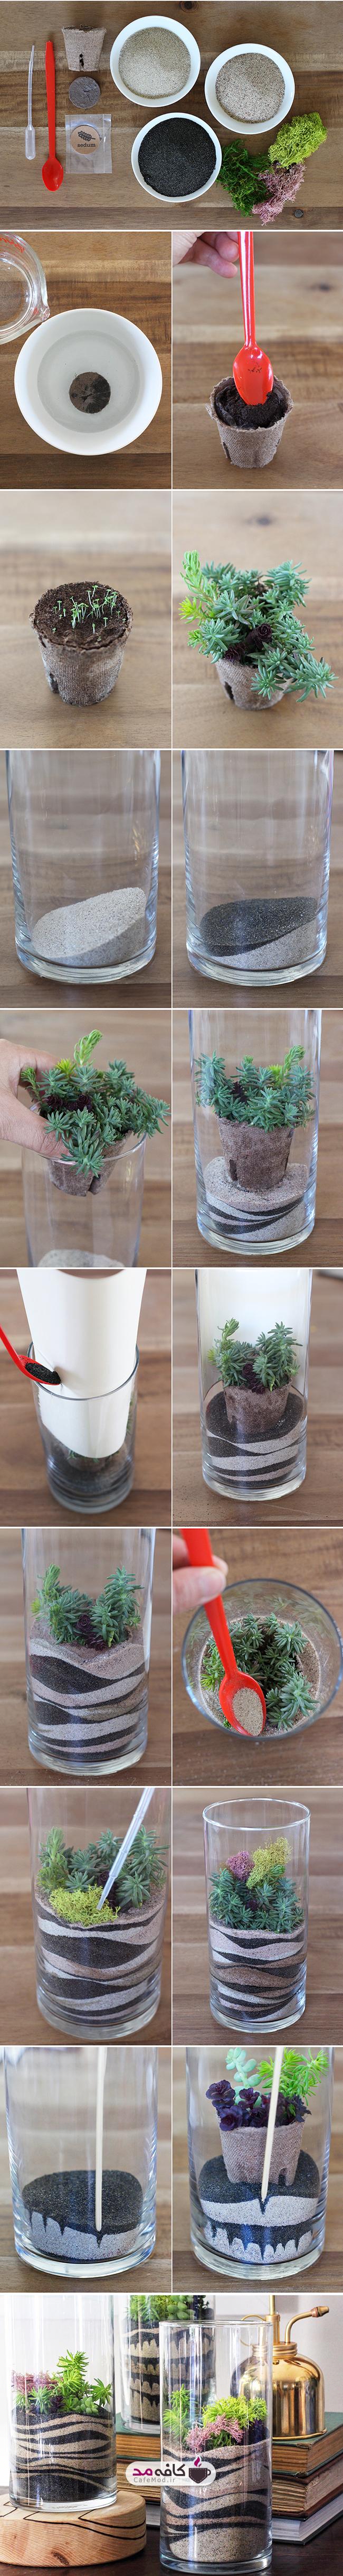 آموزش درست کردن گلخانه ی شیشه ای